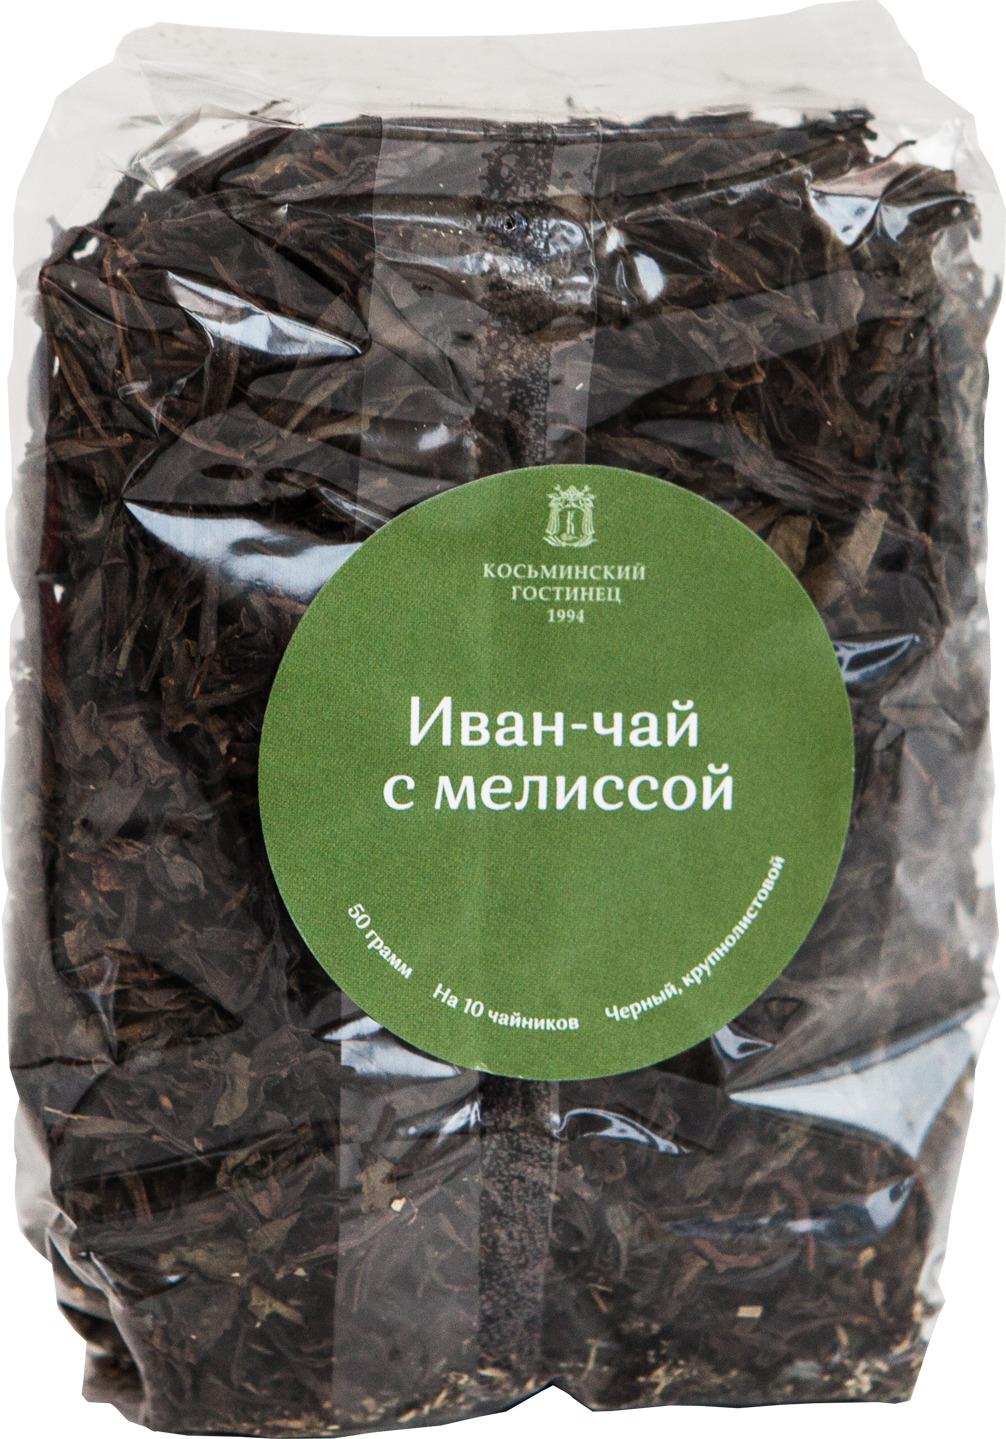 Иван-чай крупнолистовой Косьминский гостинец, с мелиссой, 50 г иван чай крупнолистовой косьминский гостинец с мелиссой 50 г